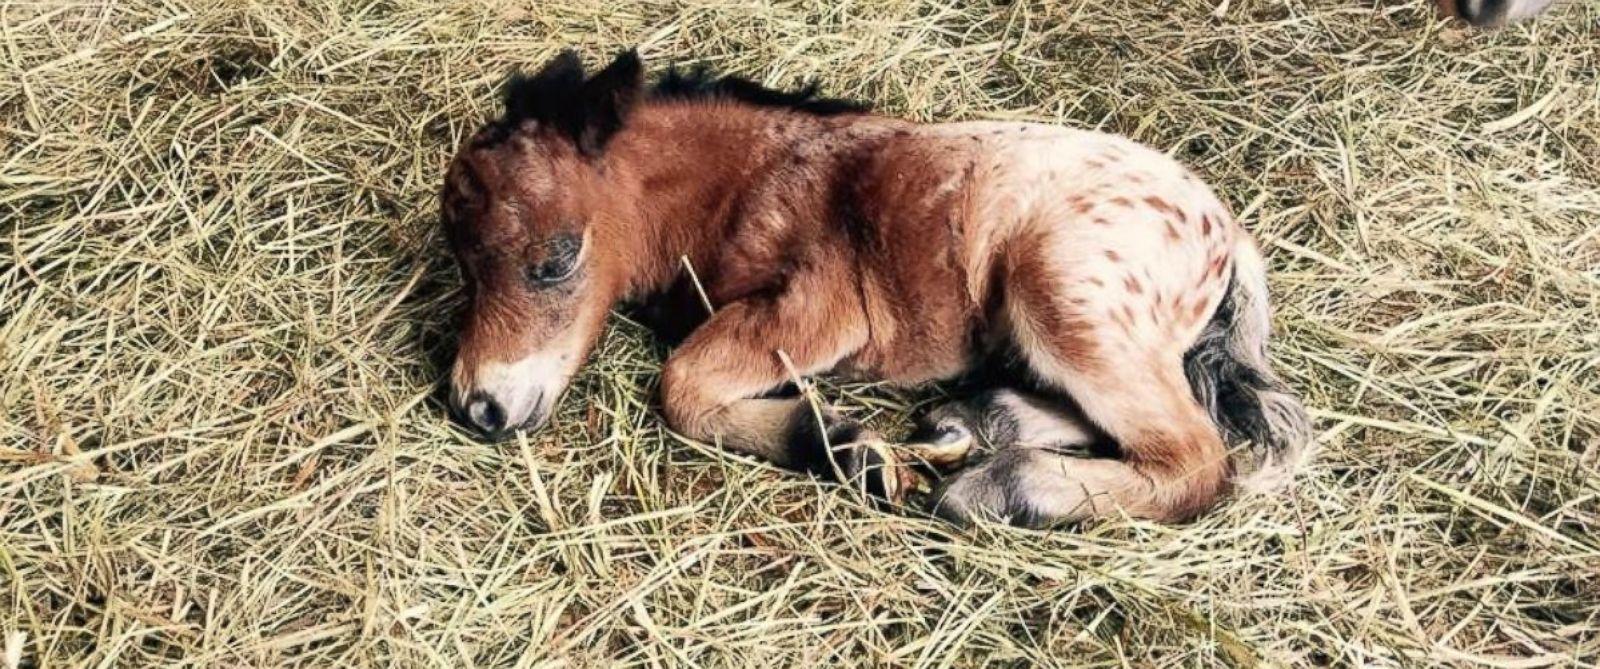 how to raise miniature horses